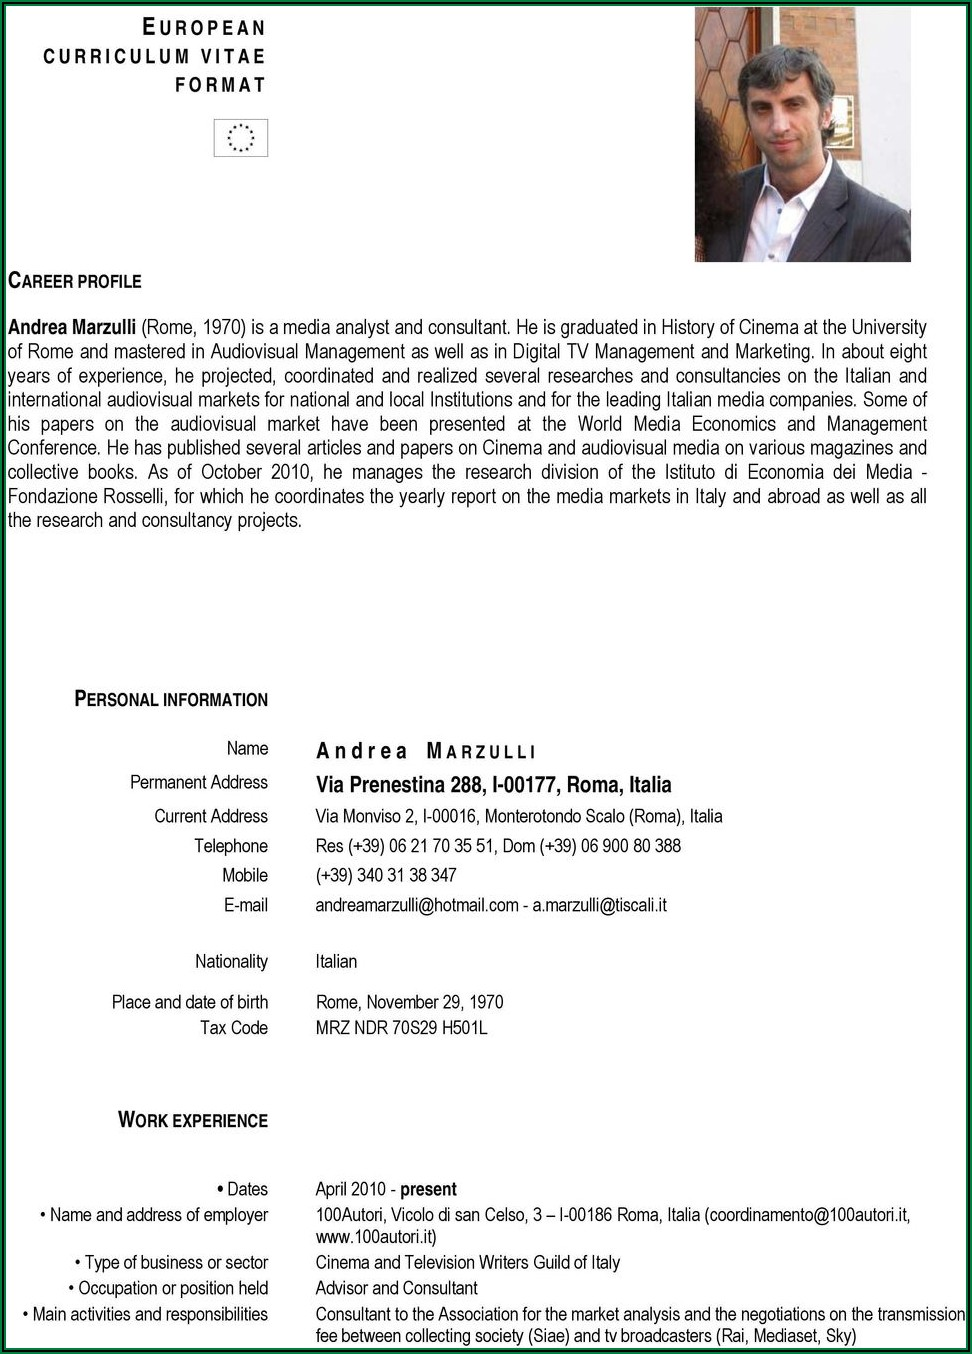 Curriculum Vitae Format Pdf Free Download